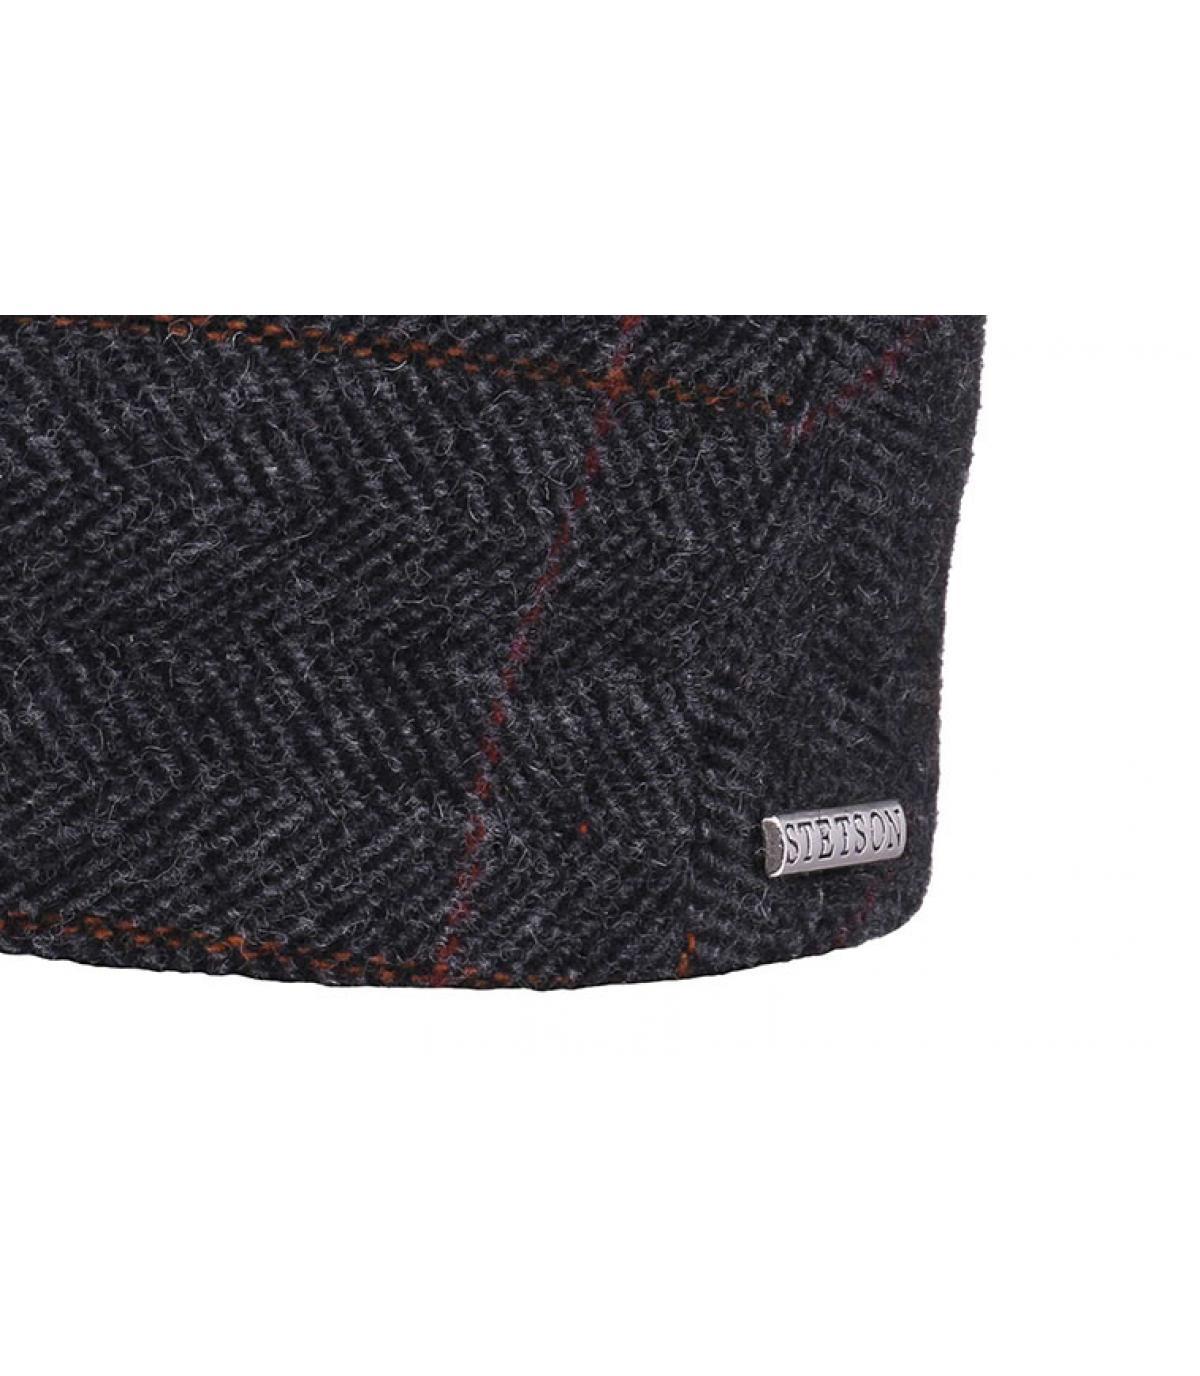 Détails Kent wool Earflap grey - image 3